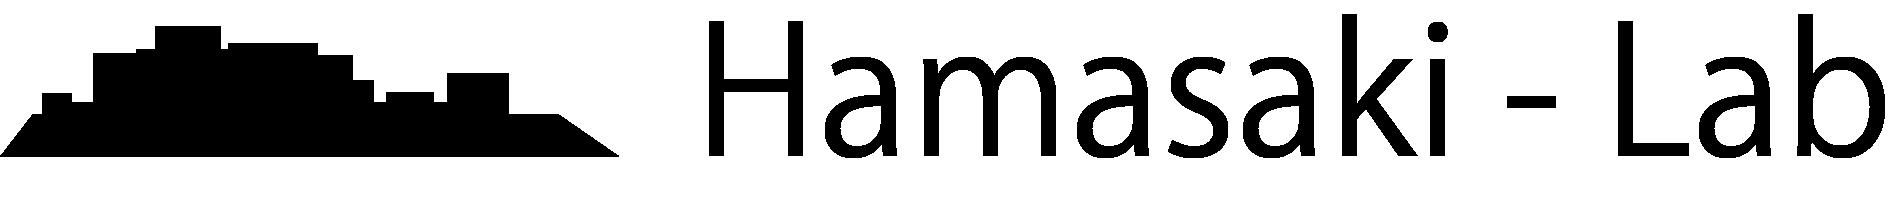 Hamasaki-lab